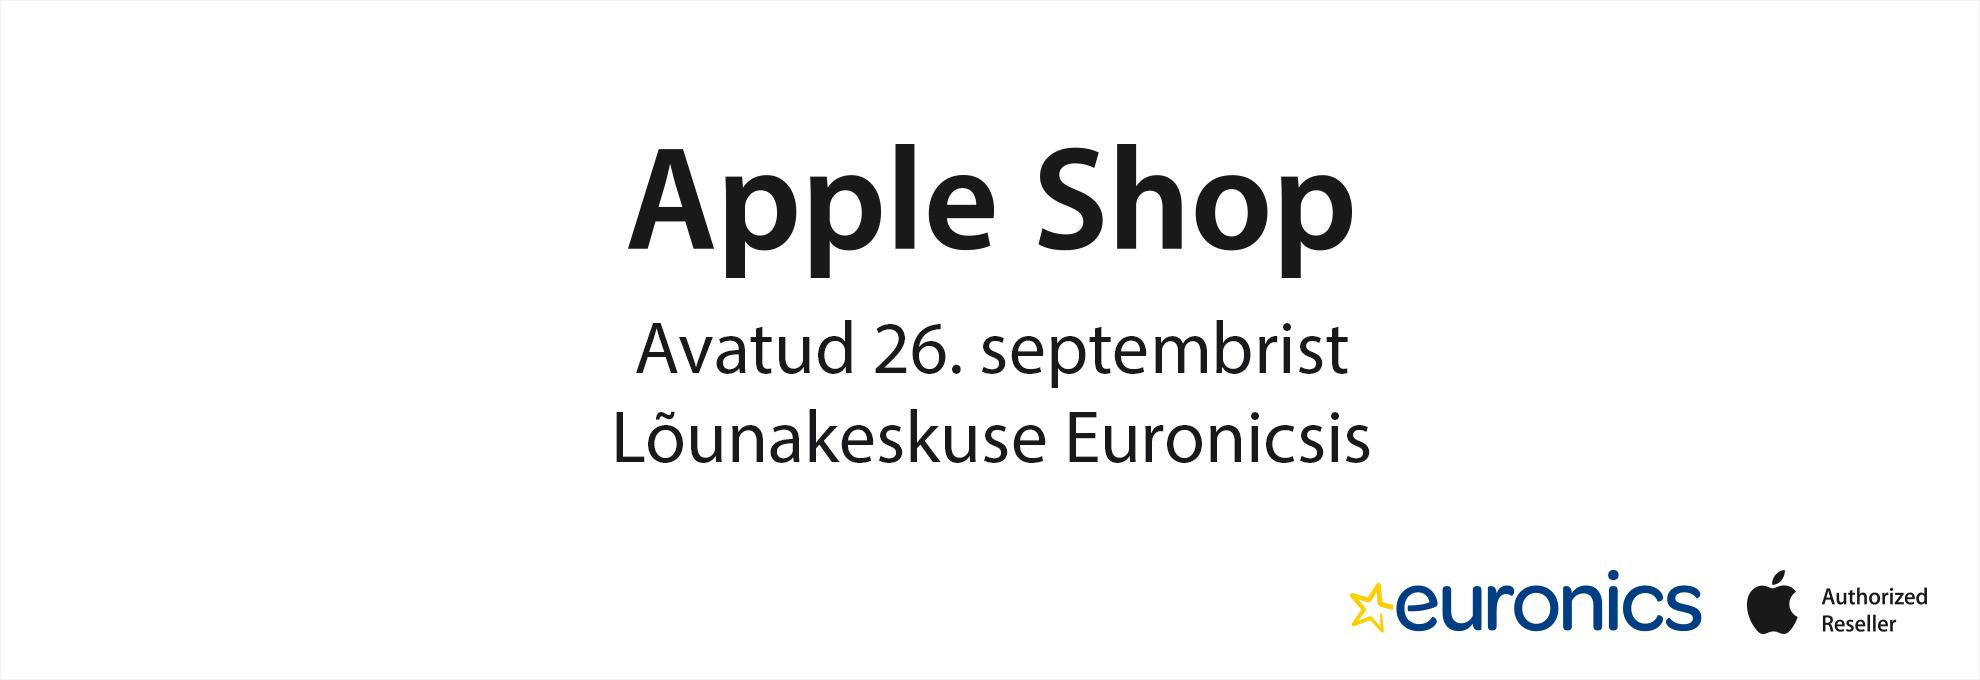 Lõunakeskuse Apple Shopi avamispakkumised